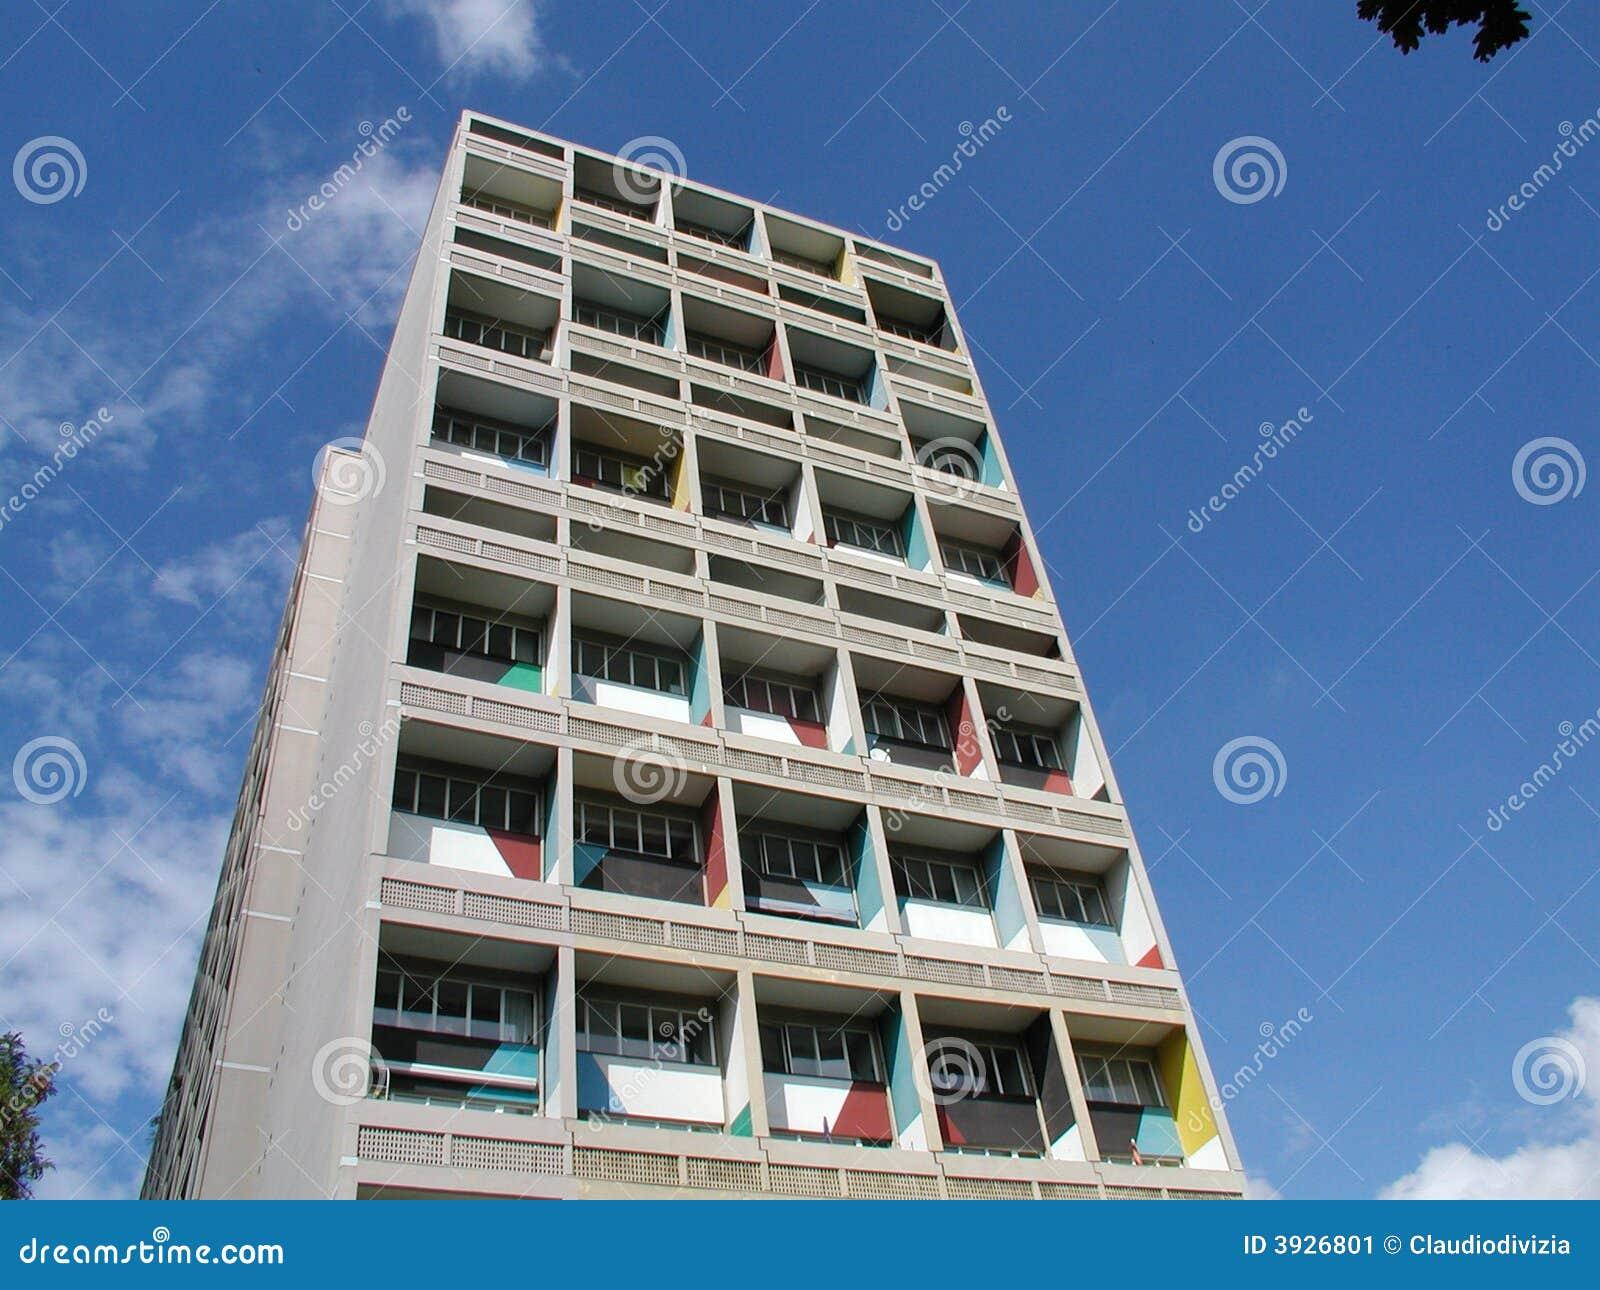 Maison le corbusier unit d 39 habitation berlin stock for Plan maison d habitation